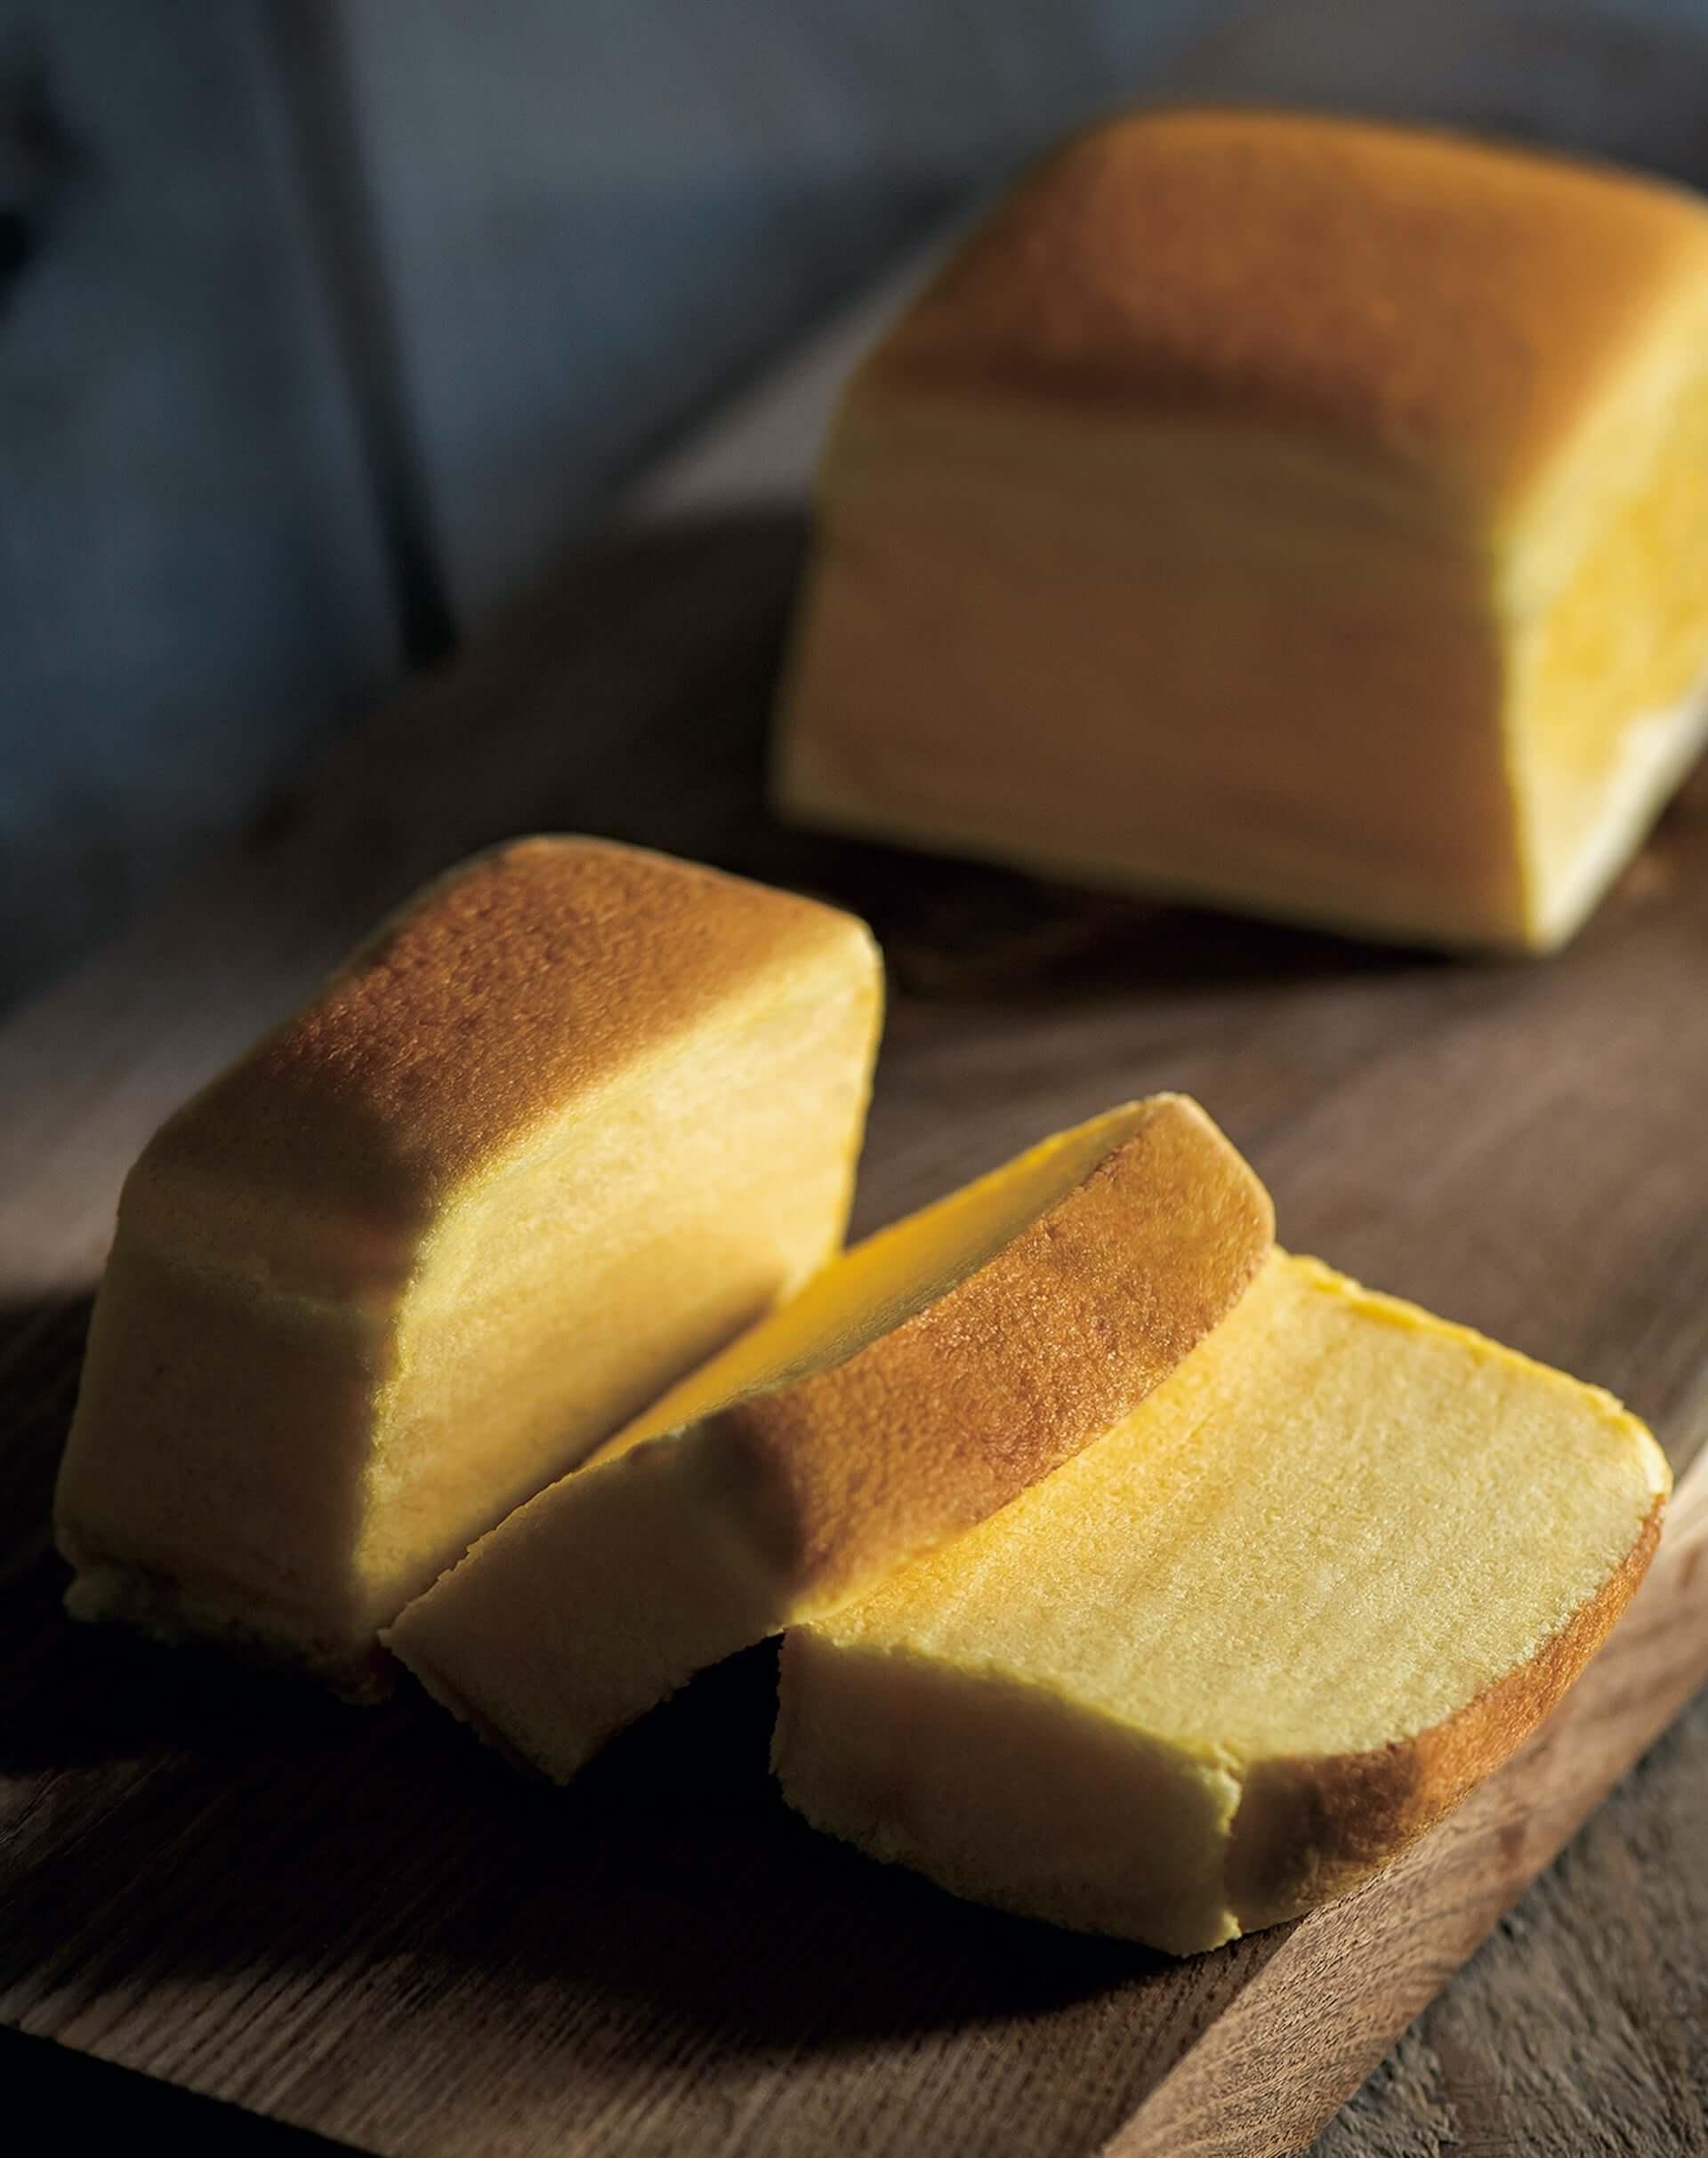 ふわとろ食感で風味豊かな『たまごパン』を味わおう!「たまご専門 本巣ヱ」が兵庫にオープン決定 gourmet201028_motosue_1-1920x2426